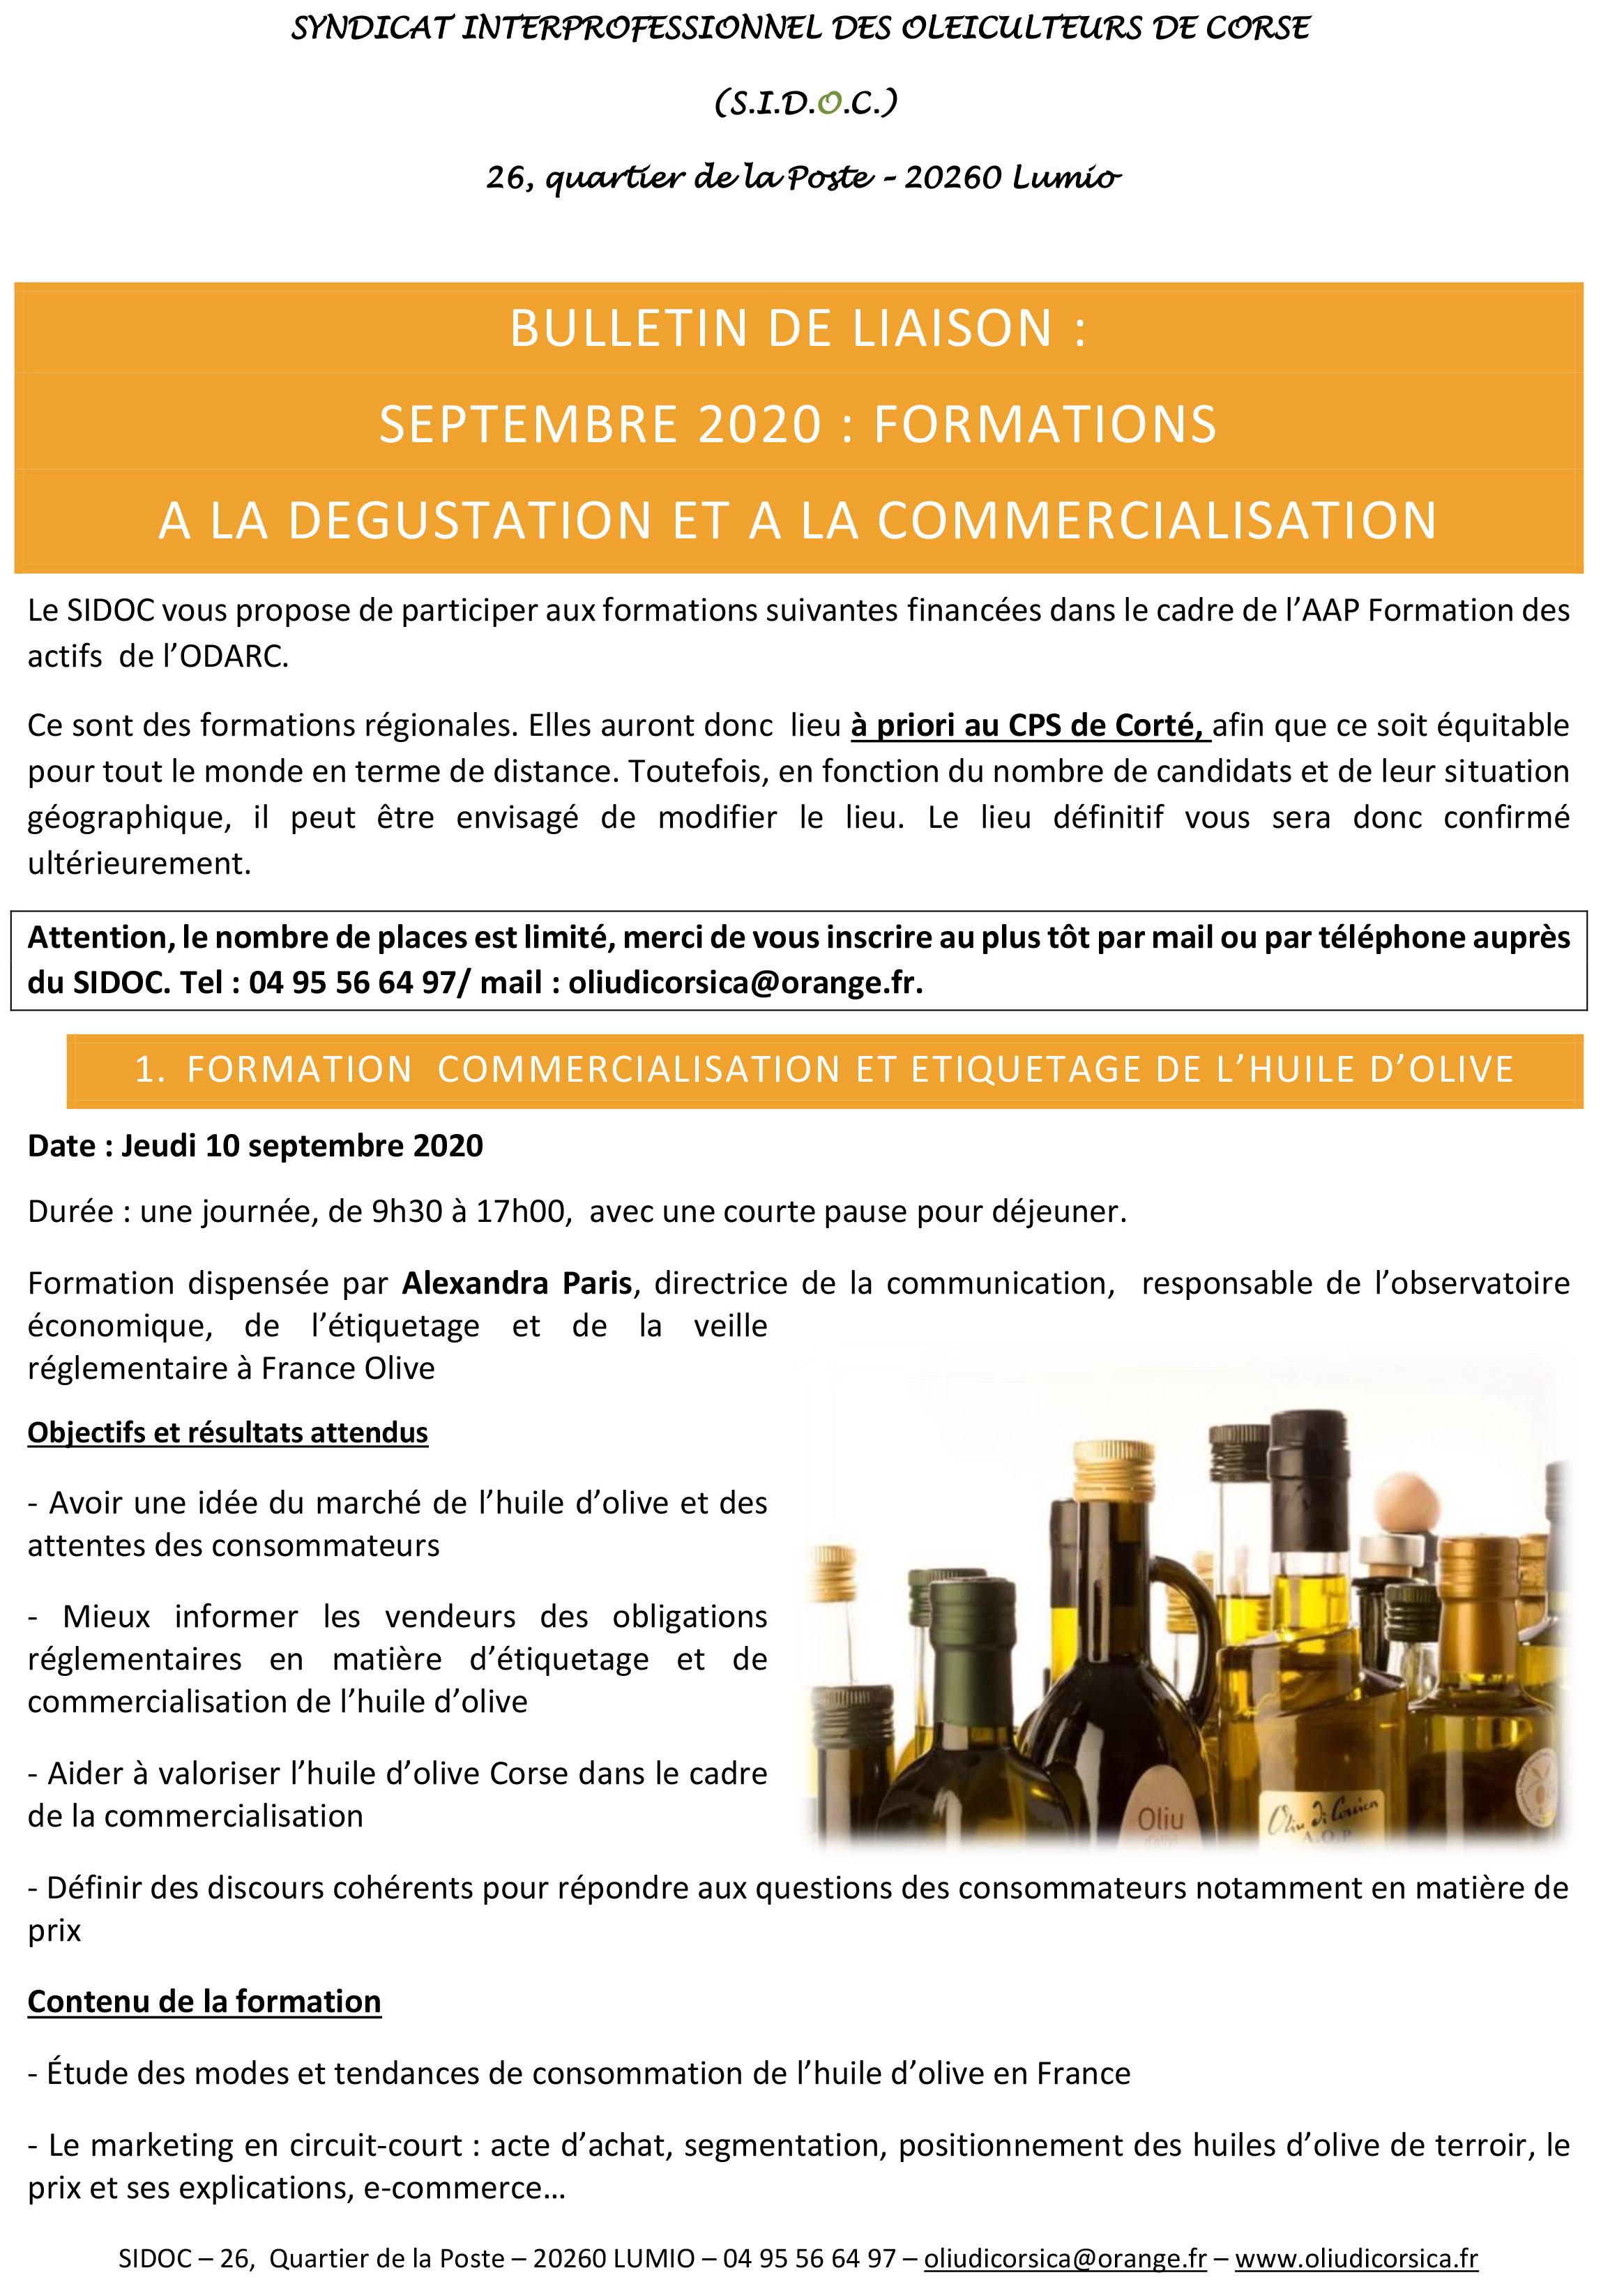 Formation à la dégustation et commercialisation de l'huile d'olive